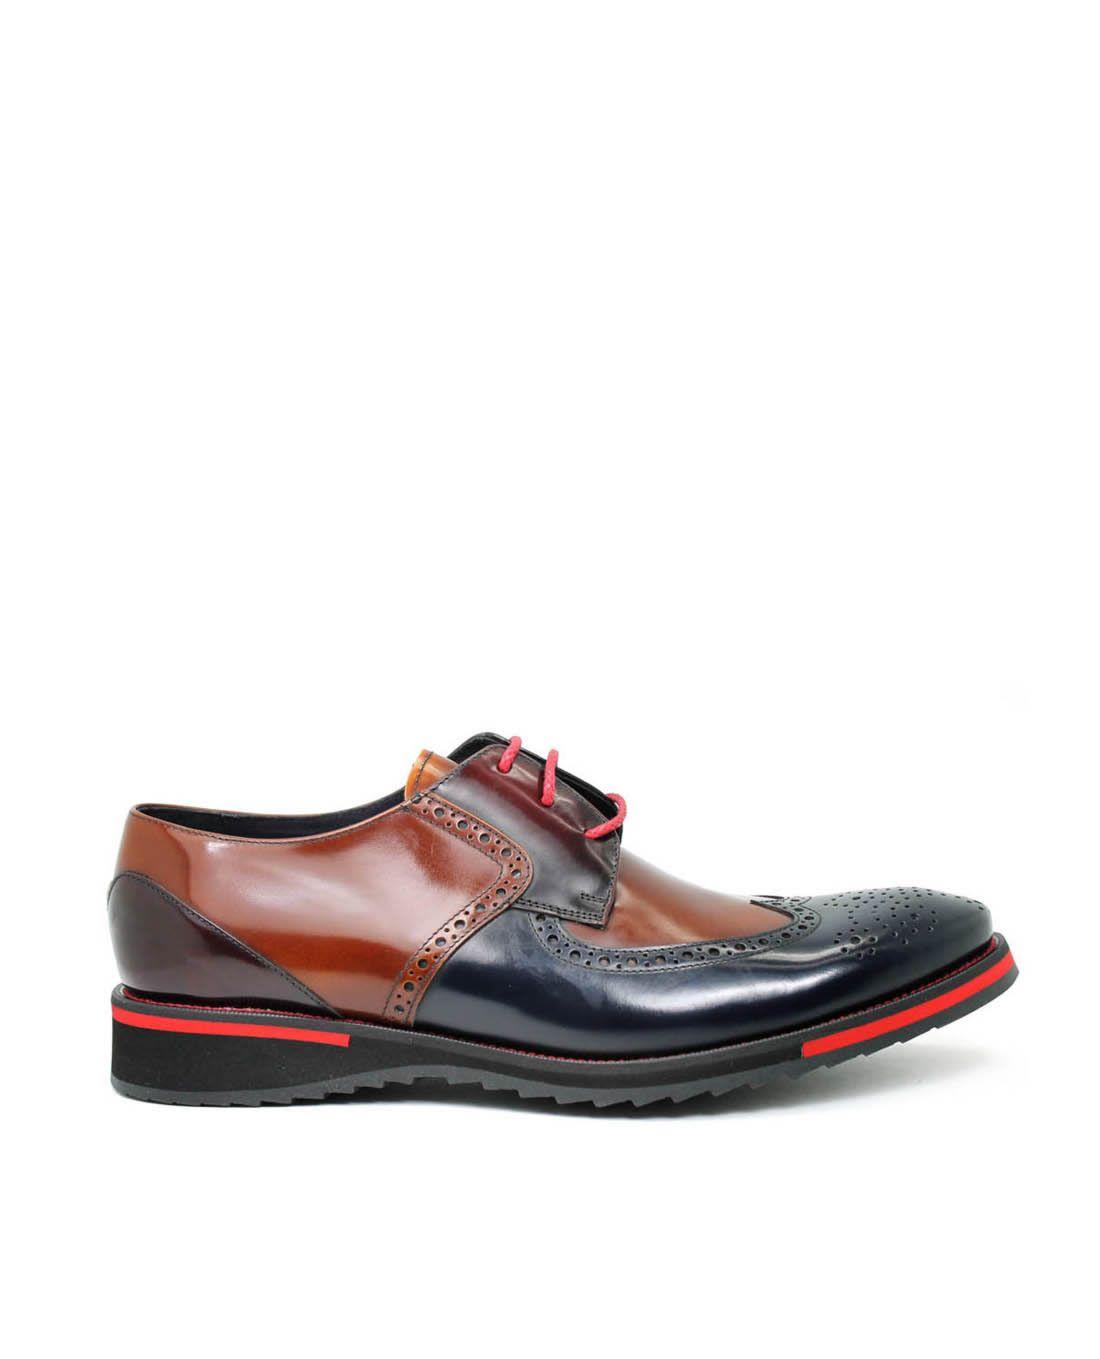 bbe334351 Zapatos ANGEL INFANTES marino 42064